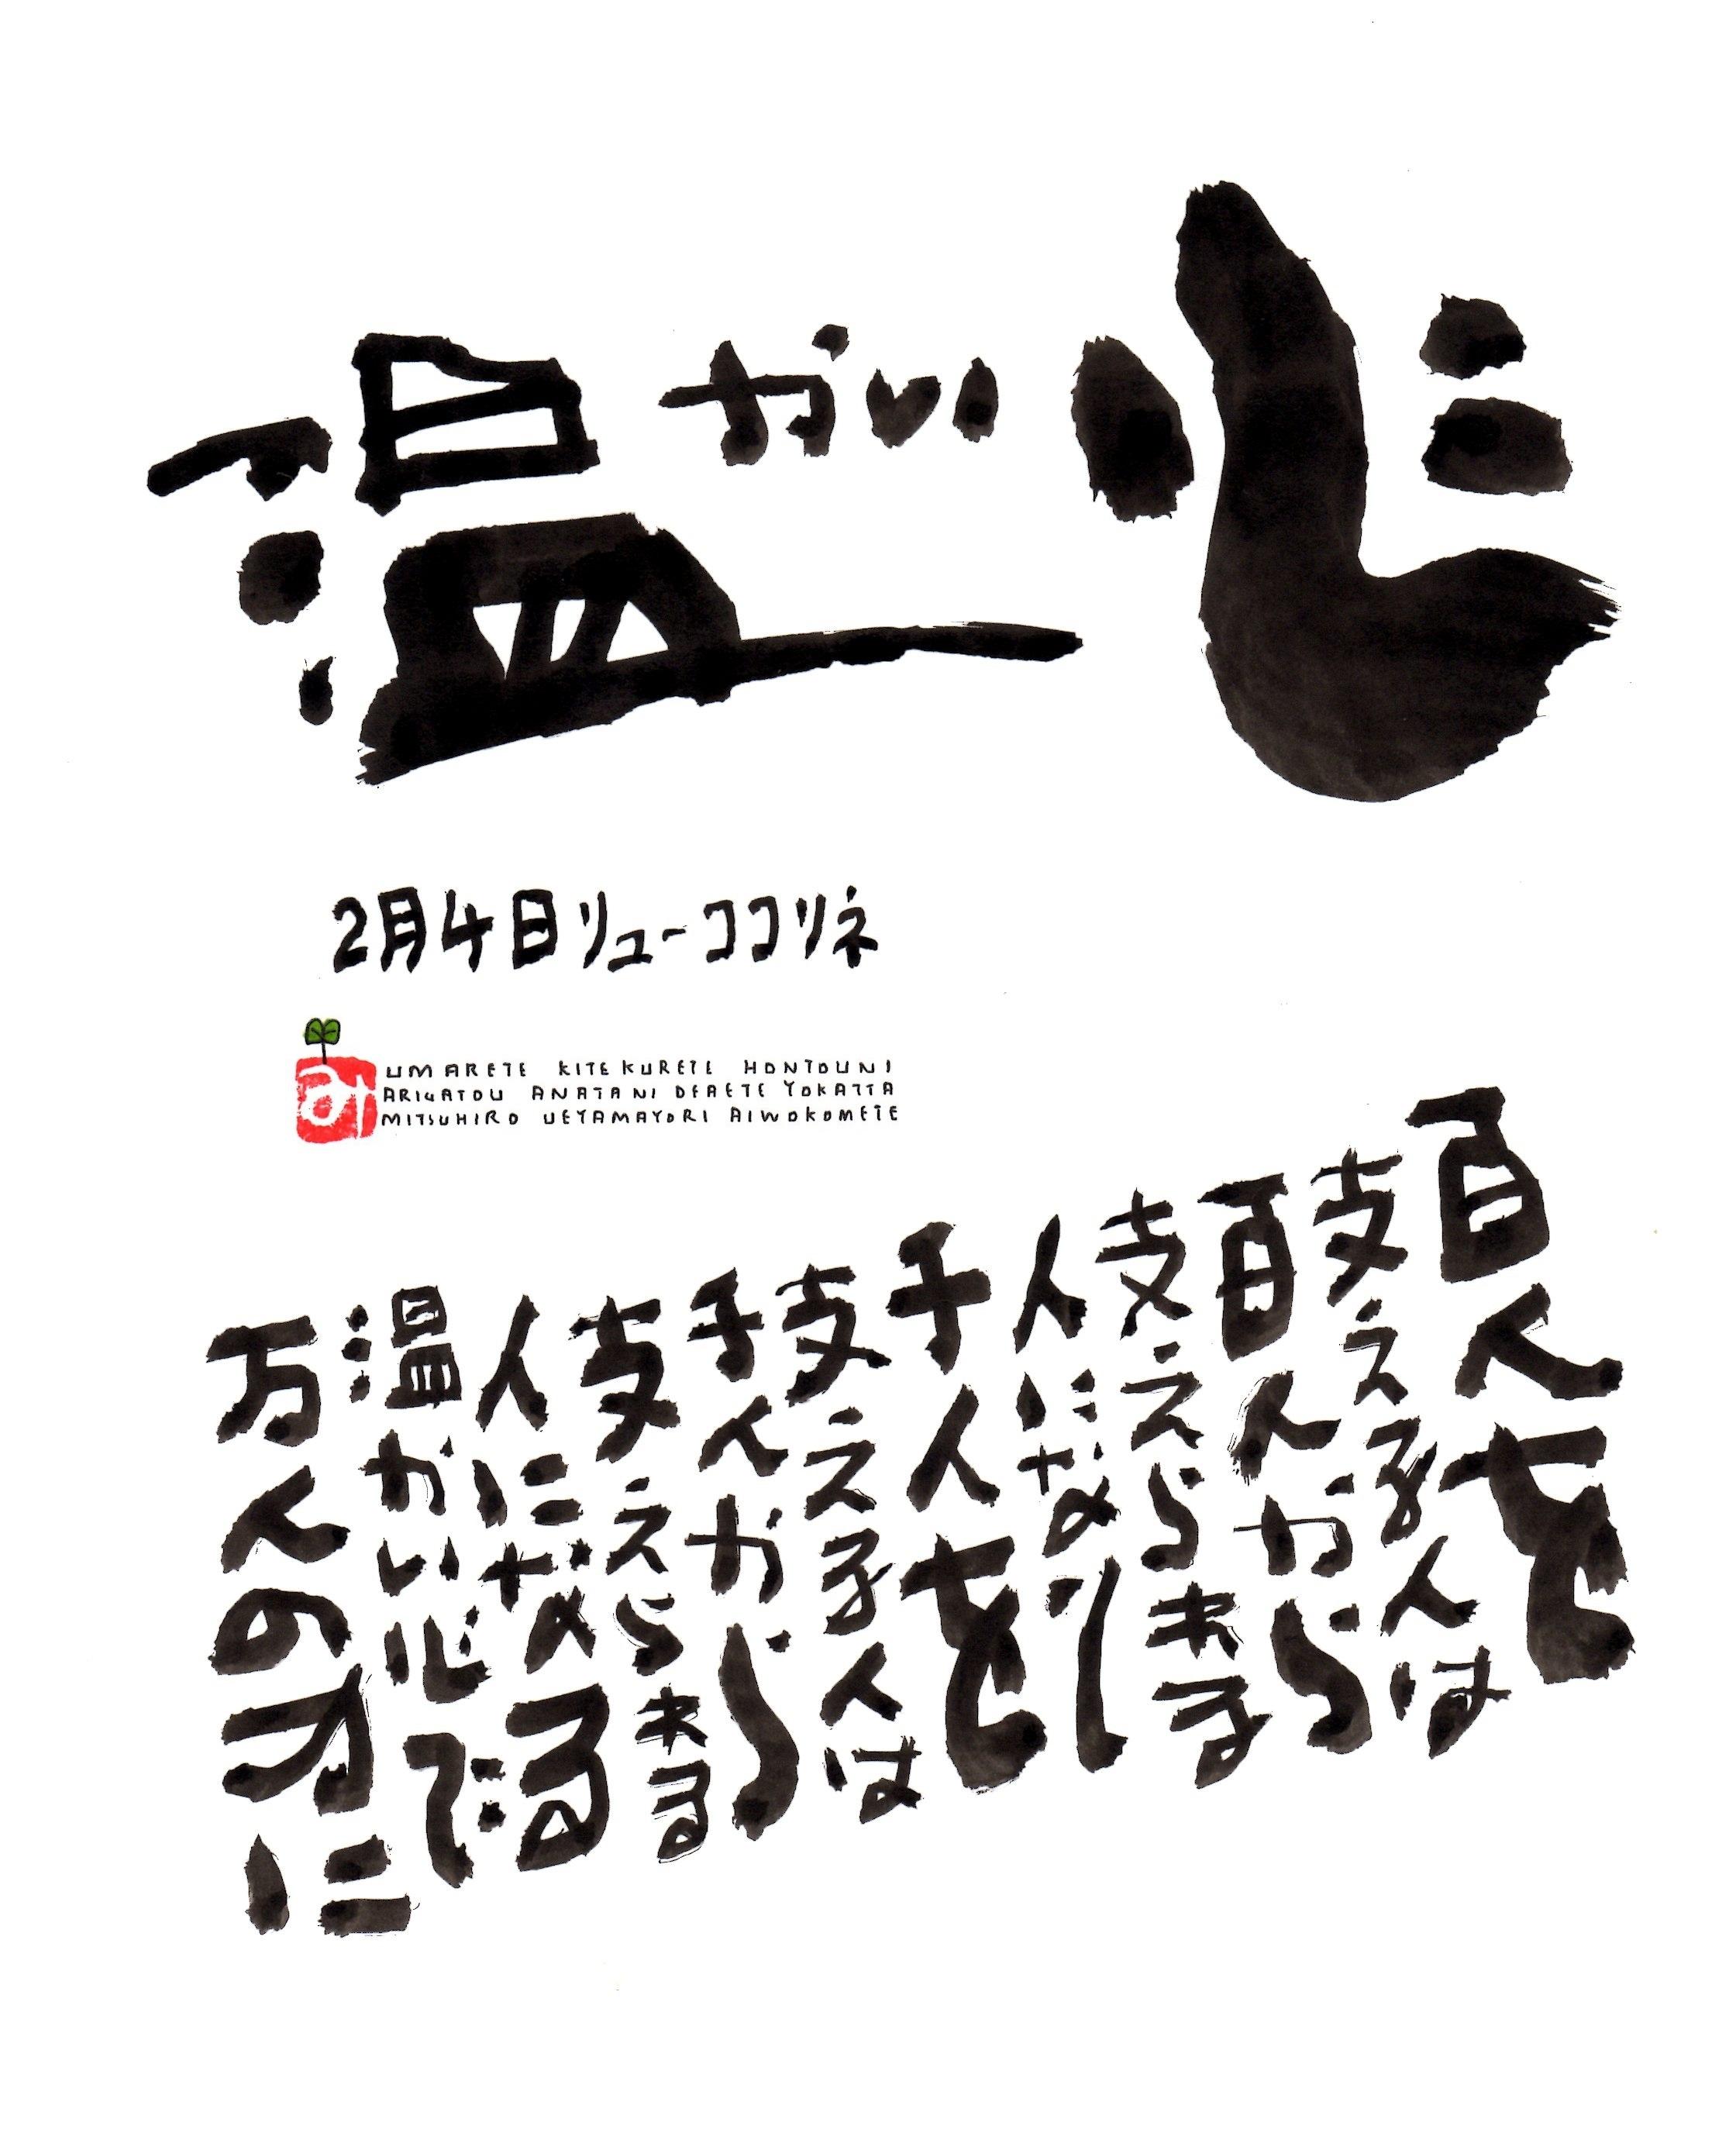 2月4日 誕生日ポストカード【温かい心】warm heart